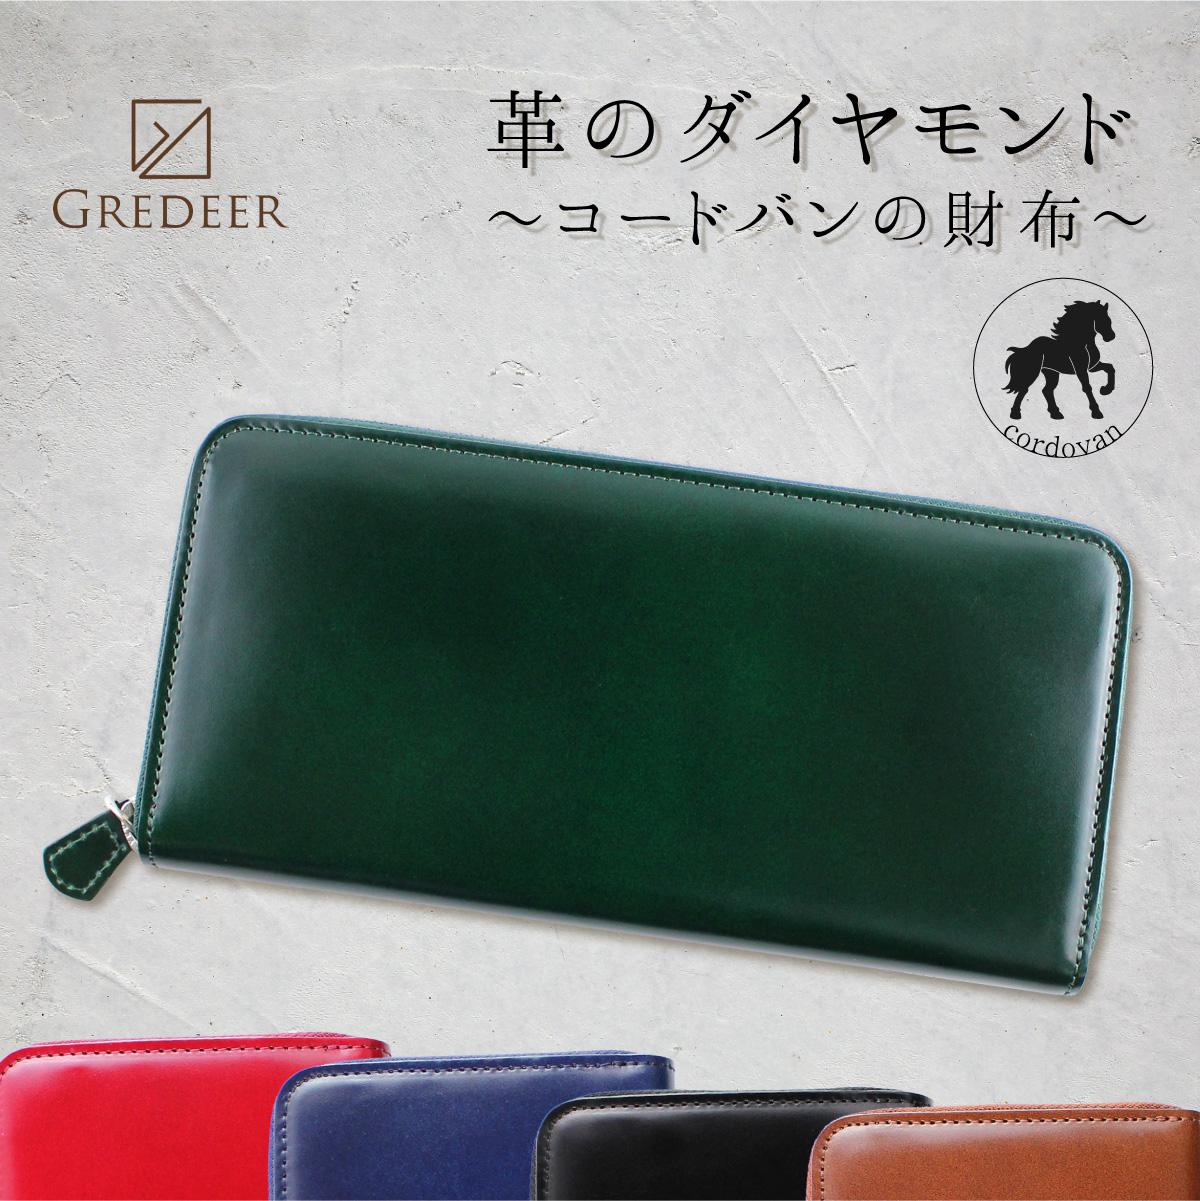 馬革(コードバン)のプレミアム財布 GREDEER コードバン ラウンドファスナー長財布 【カラー:グリーン】